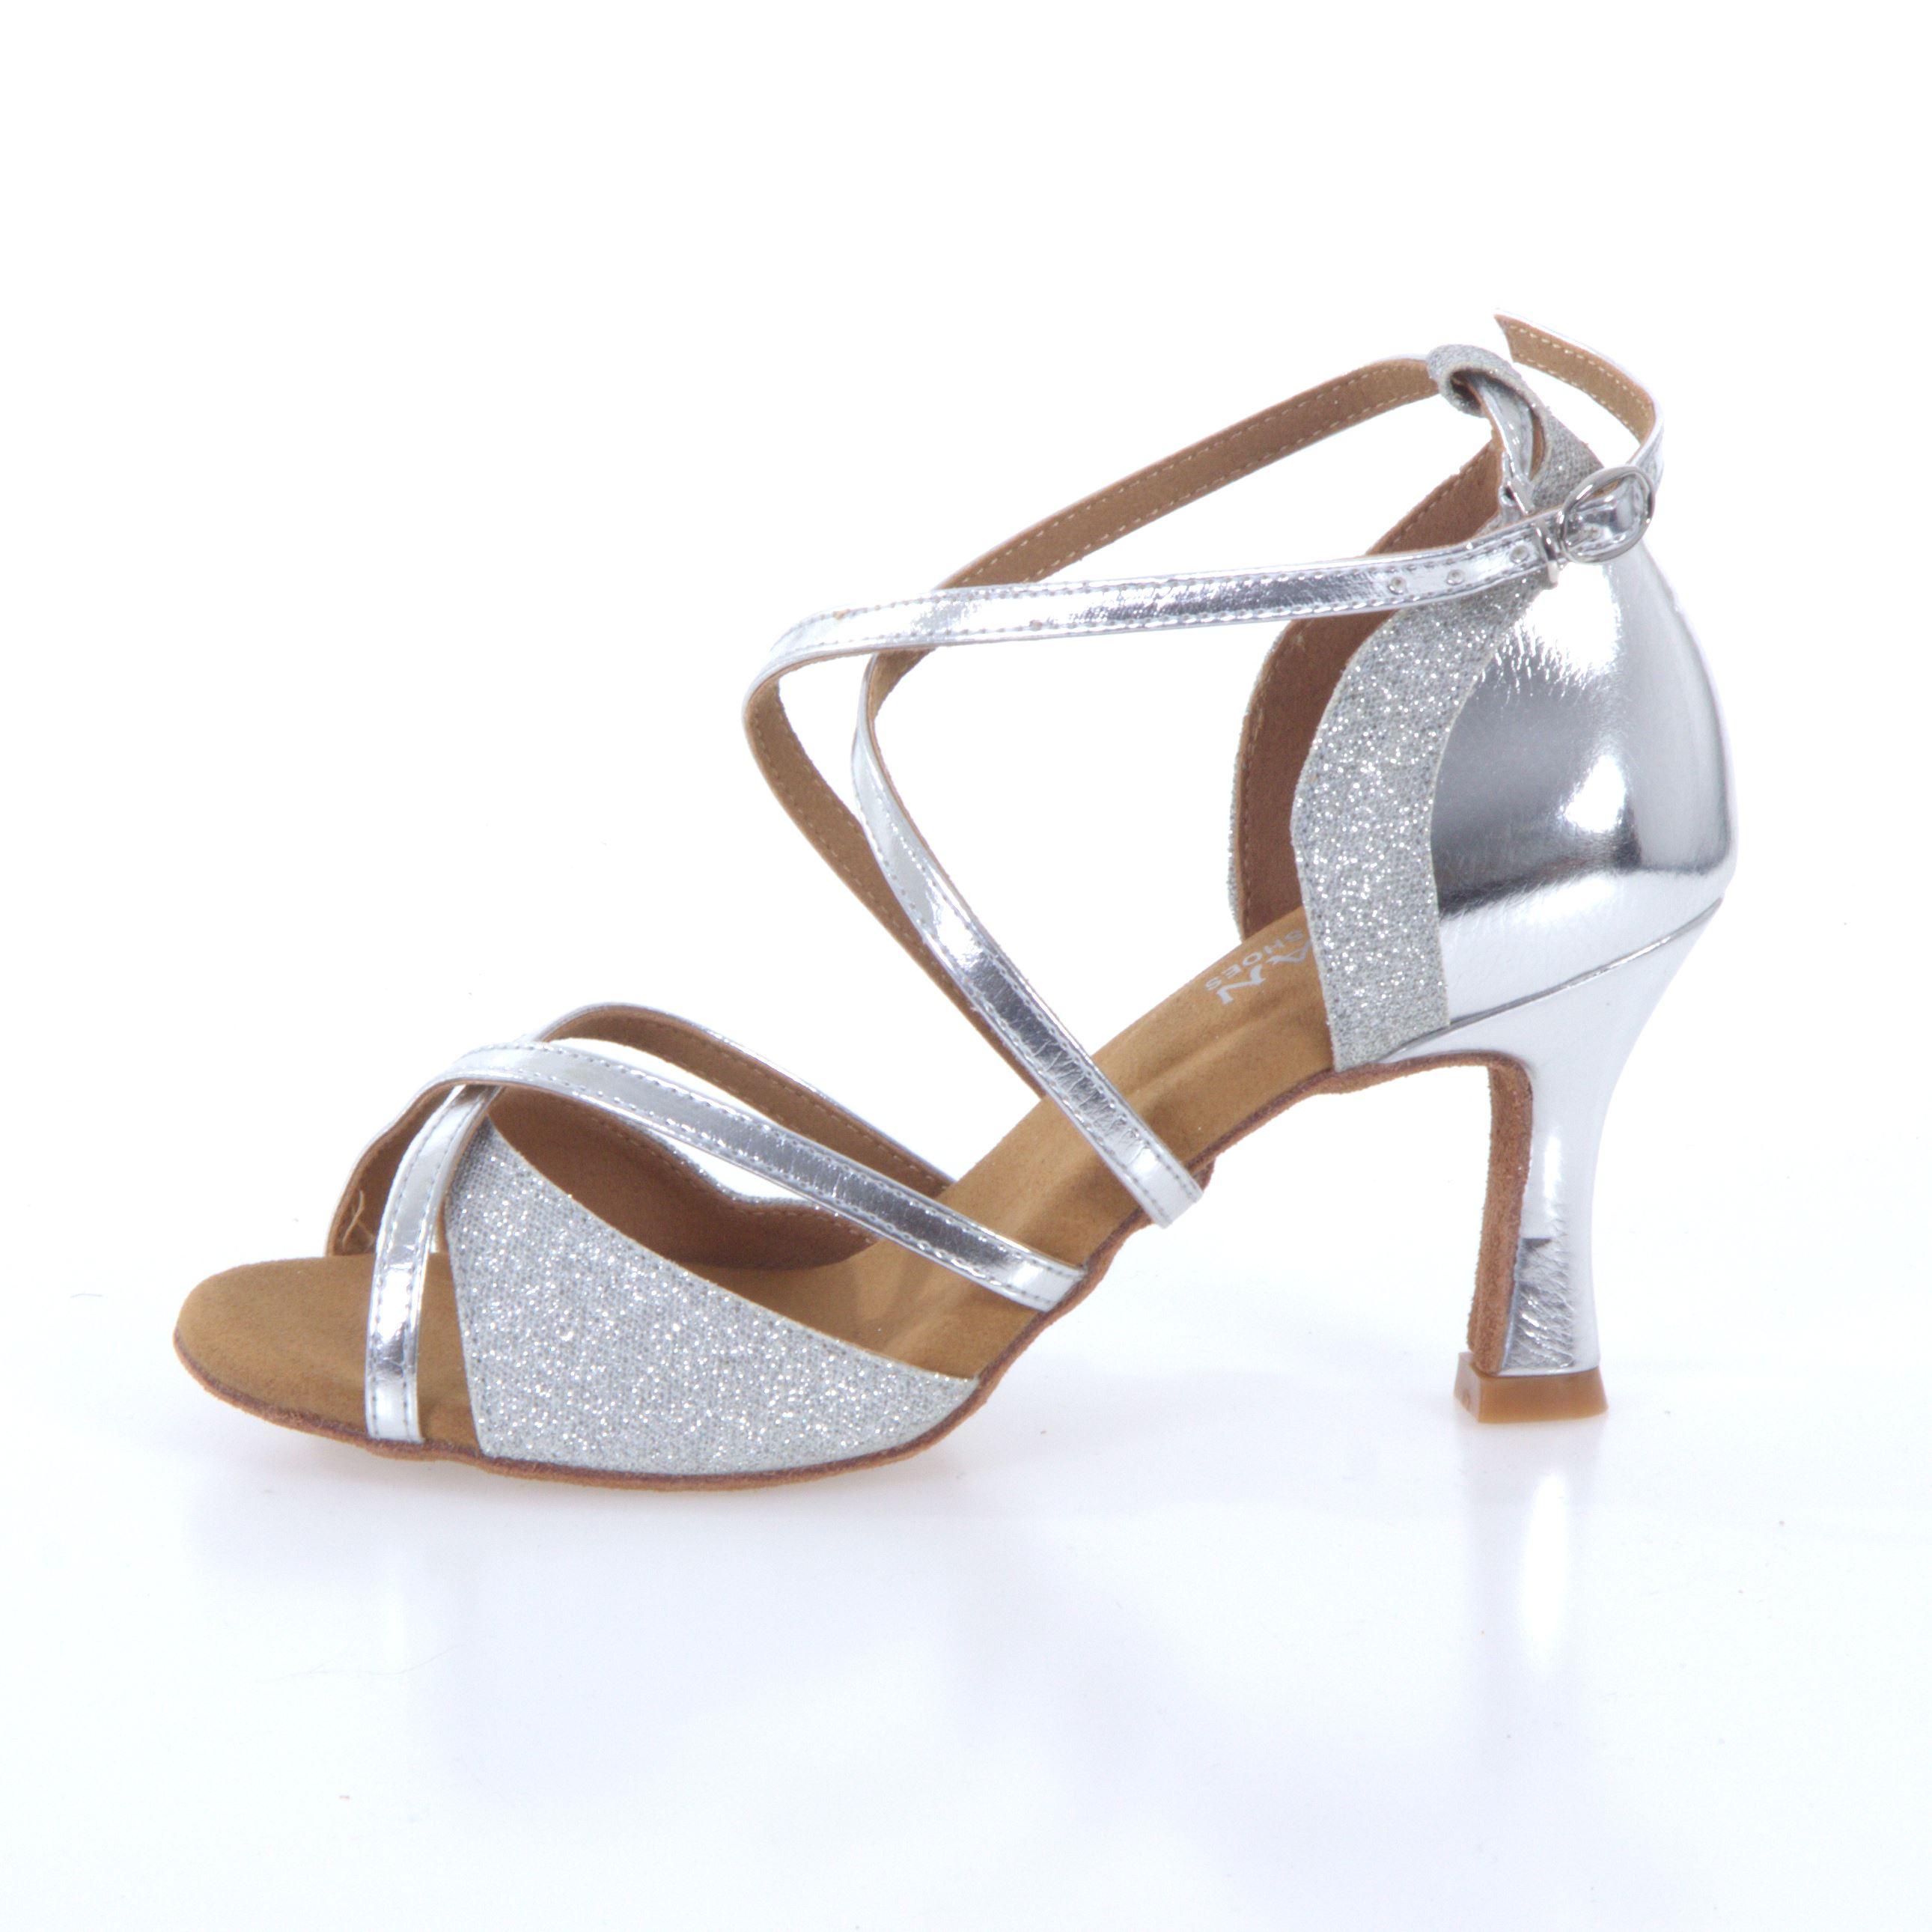 01eab56b2367 Kompletné špecifikácie · Na stiahnutie · Súvisiaci tovar. Nové tanečné  topánky ...